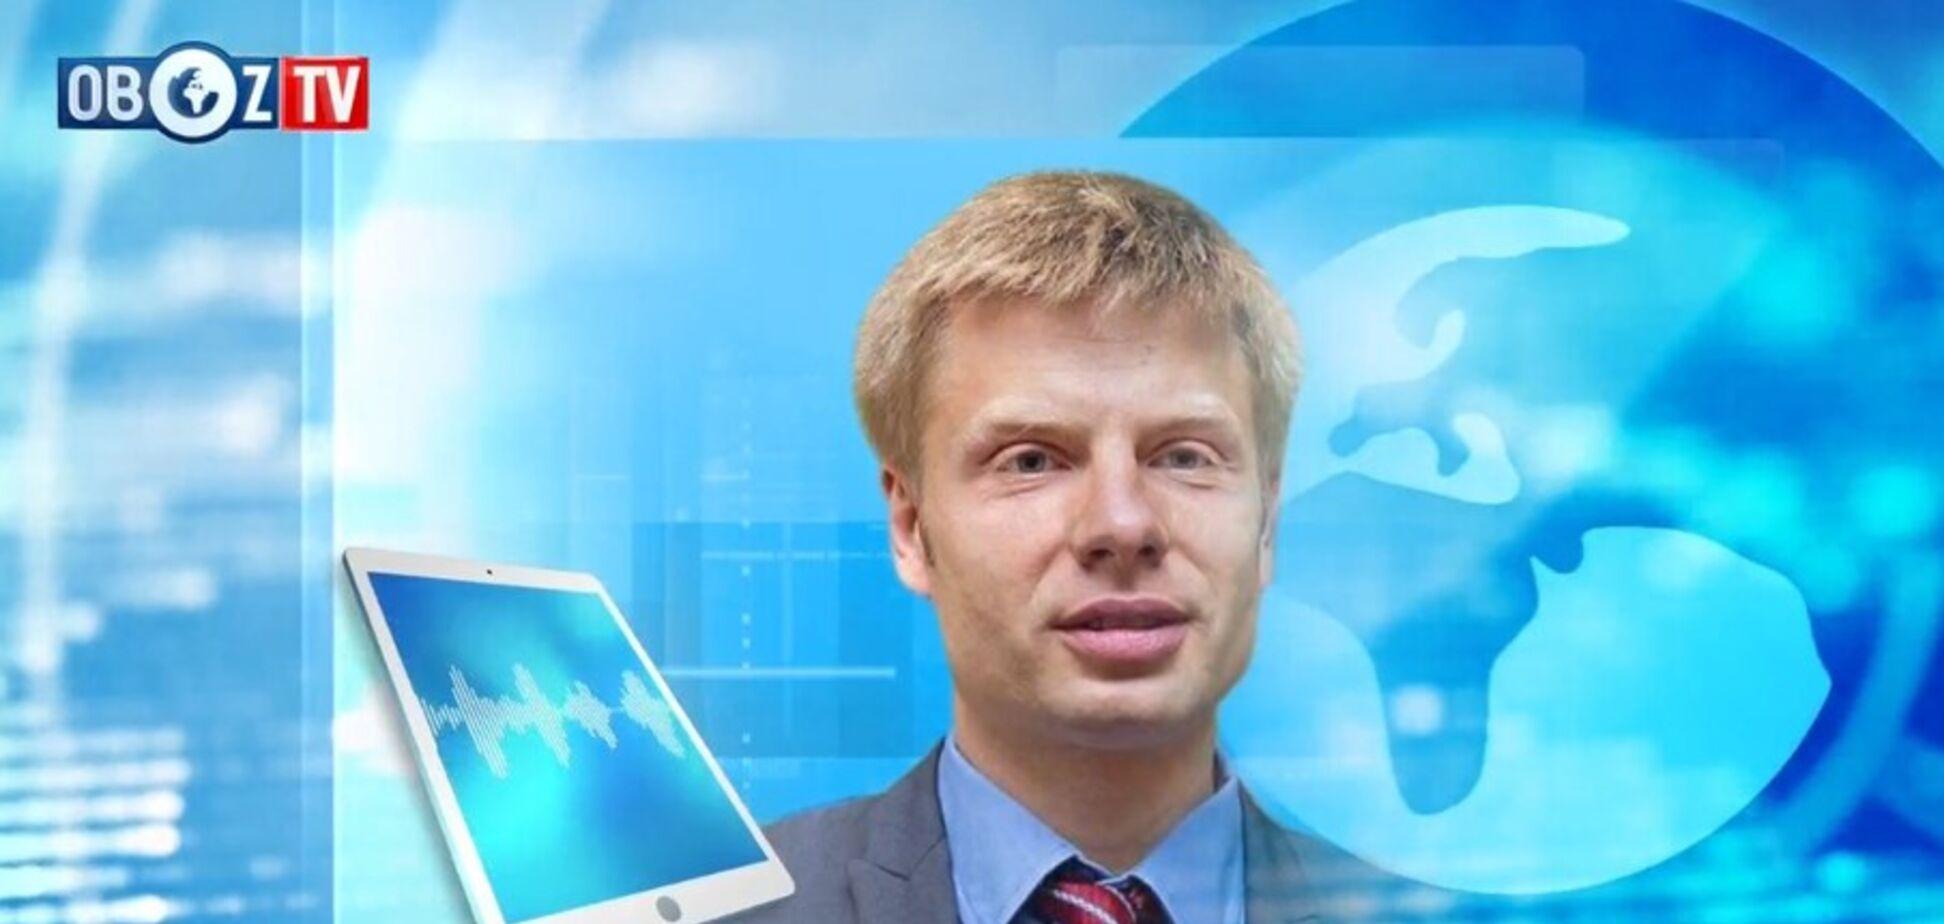 Генсек Совета Европы приедет в Украину: появились первые новости из ПАСЕ